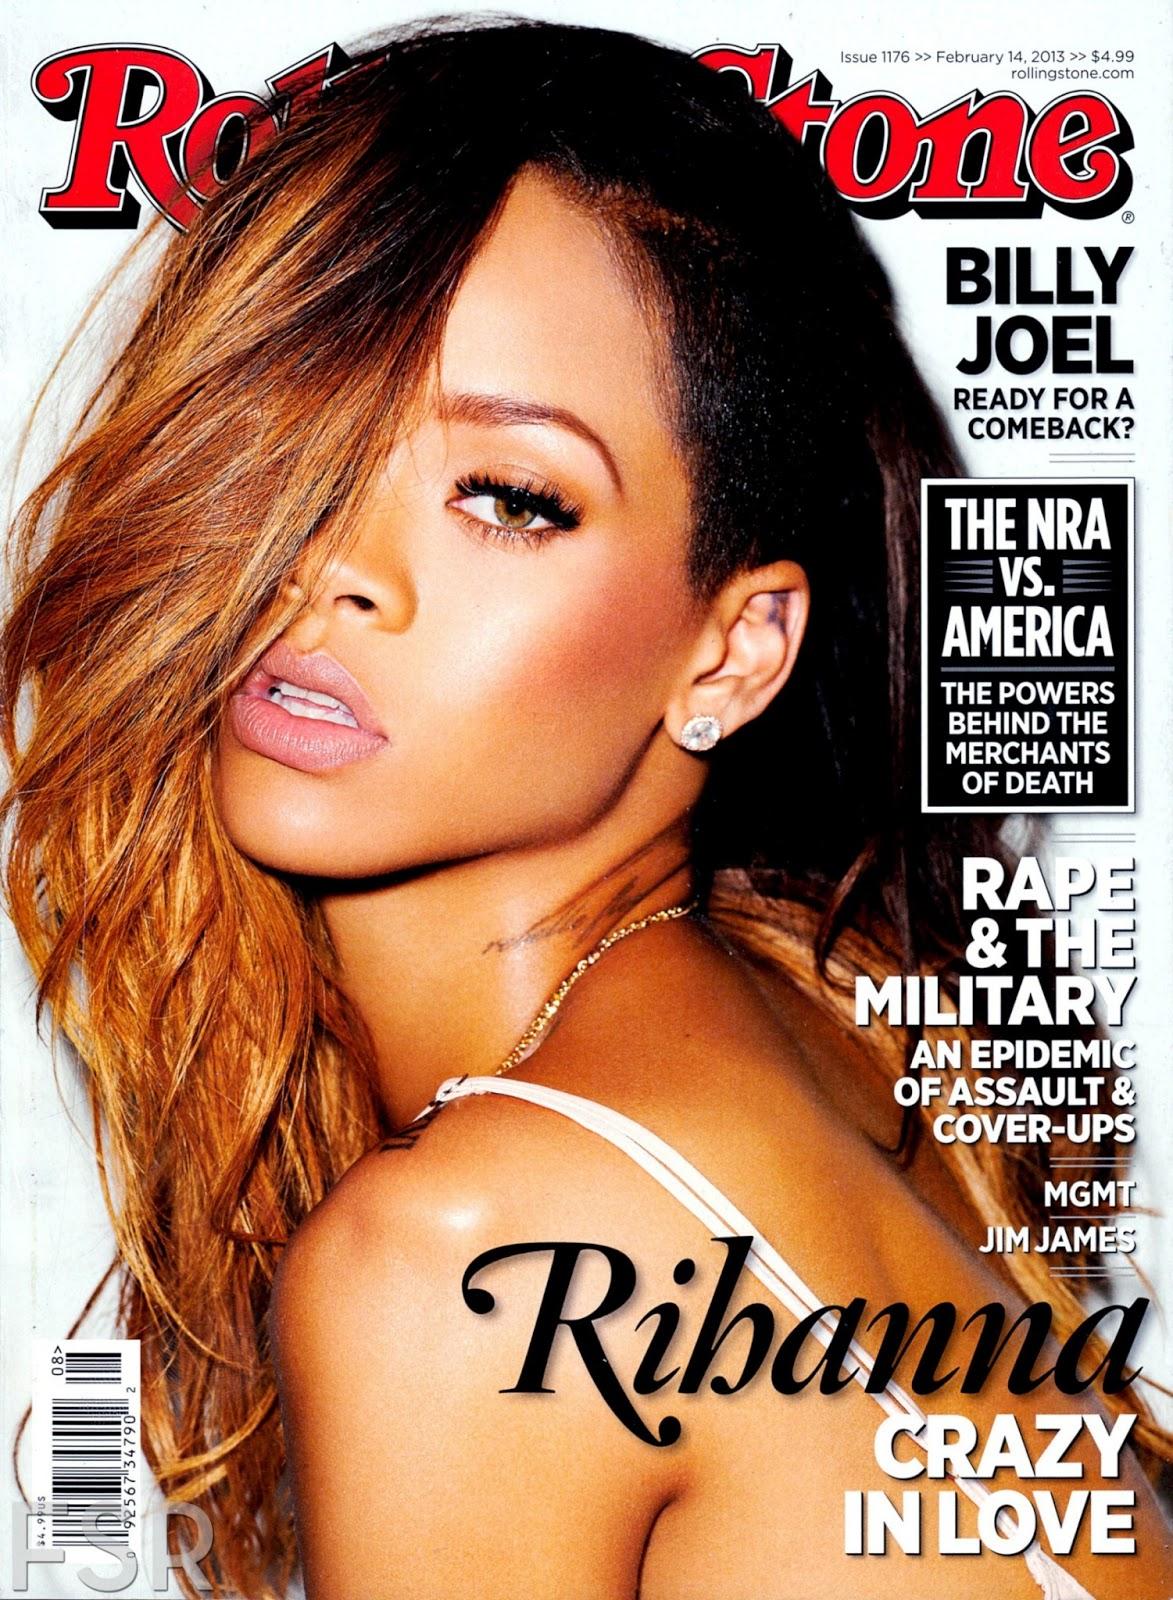 http://1.bp.blogspot.com/-7pwn0GncEfU/UQ33D0YUUHI/AAAAAAABYmI/vDnkDozigmM/s1600/Rihanna-2.jpg